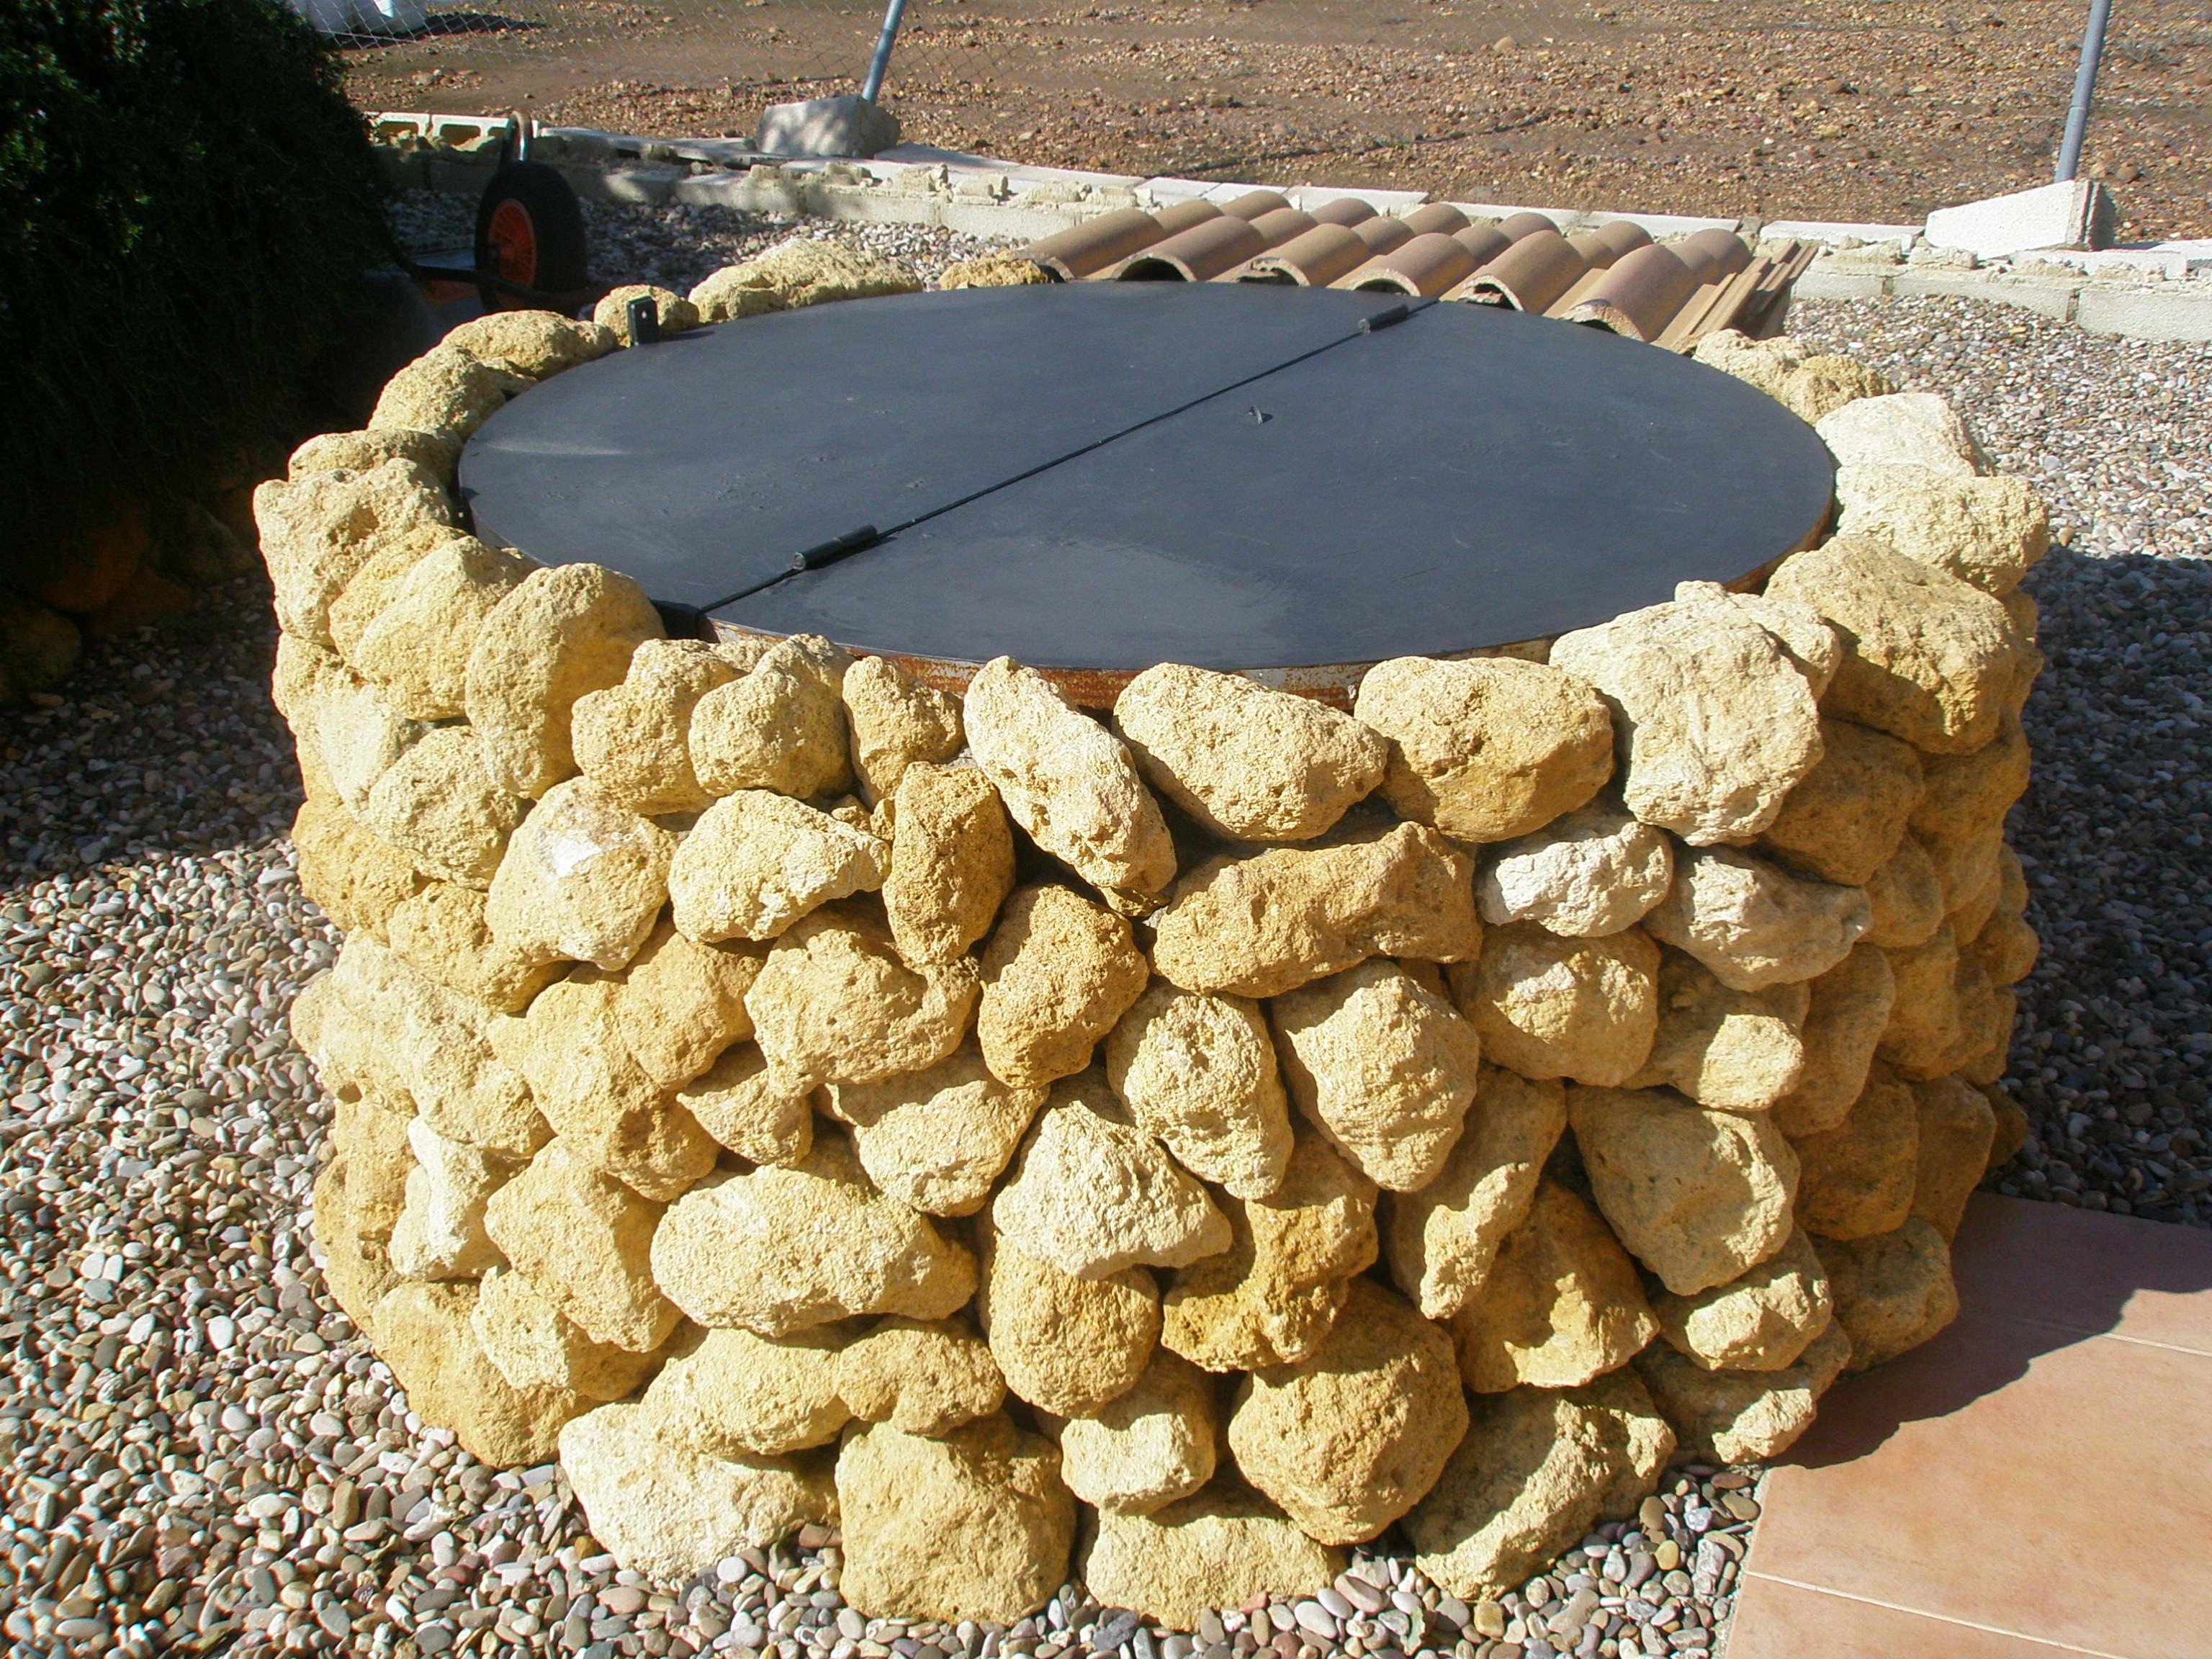 Cuanto vale hacer un pozo beautiful perforacion de pozo de agua en potosi with cuanto vale - Cuanto cuesta construir un chalet ...